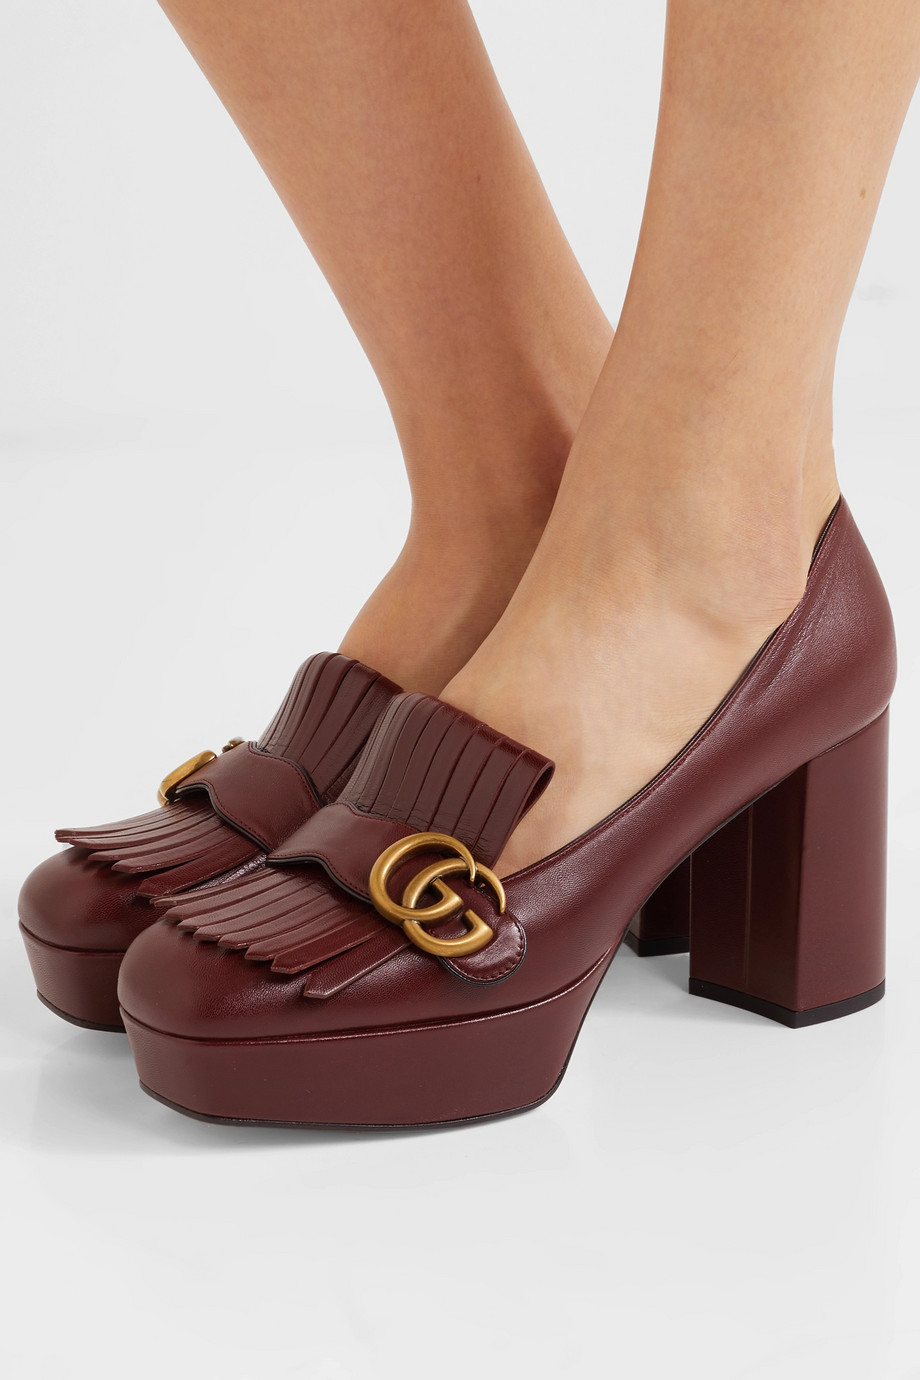 Gucci Marmont fringed logo-embellished leather platform pumps